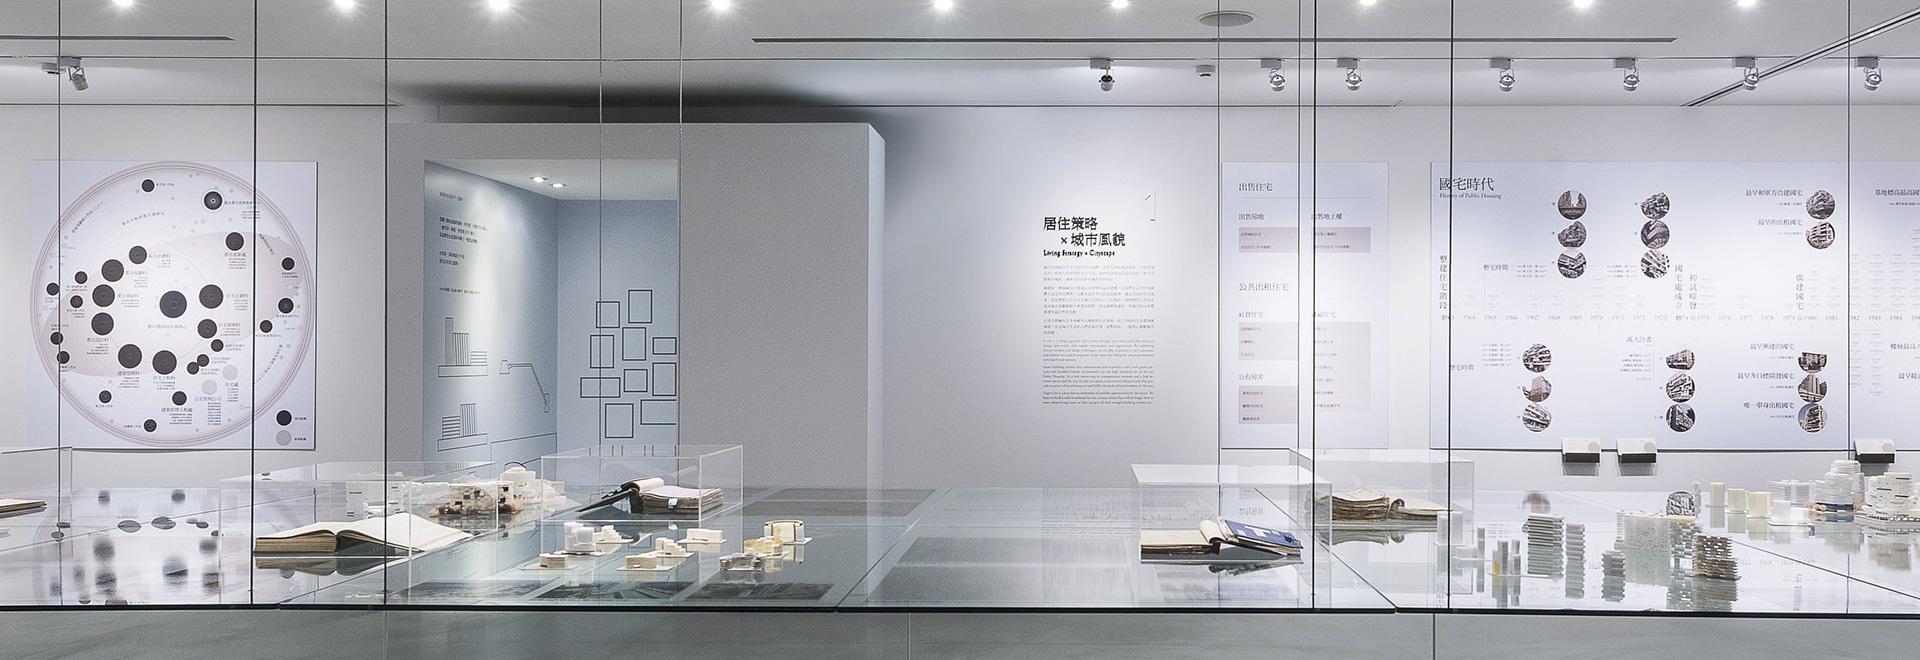 Taipei Public Housing Exhibition 2016